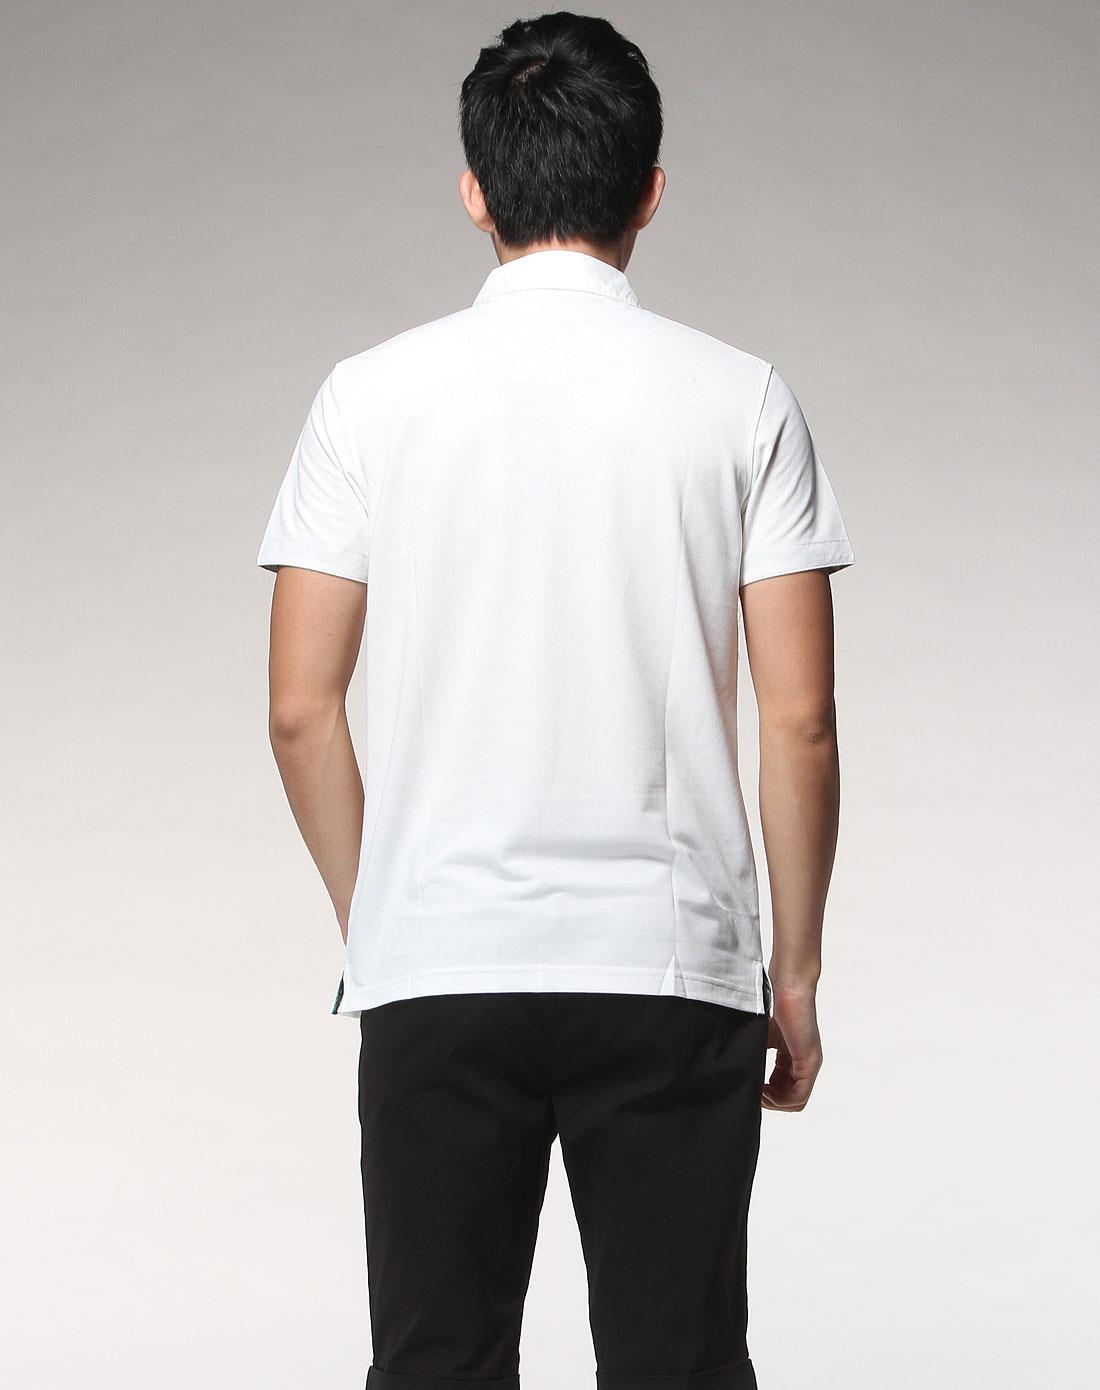 时尚短袖设计图